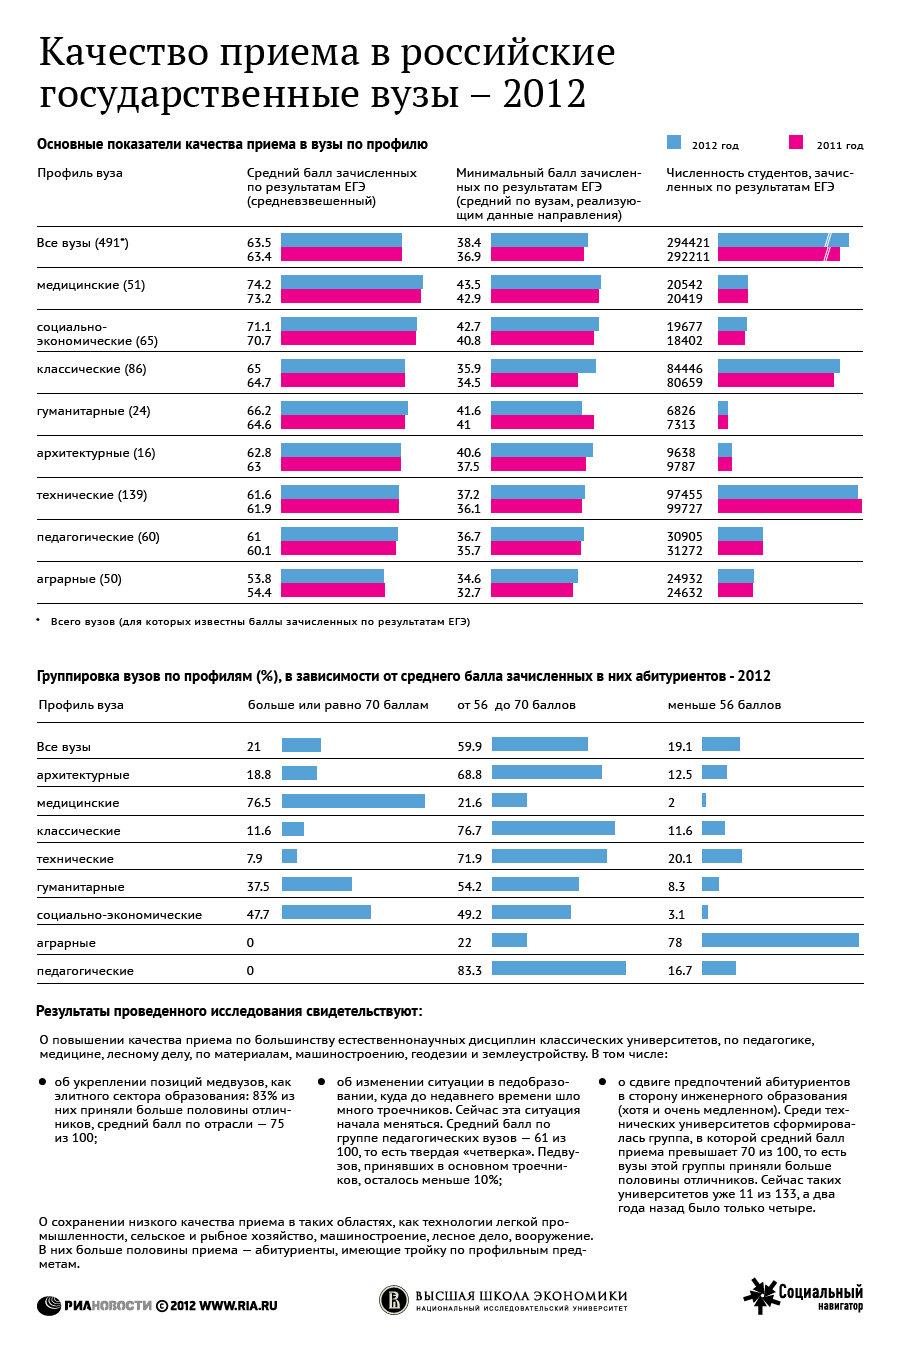 Сравнение результатов ЕГЭ по профилям